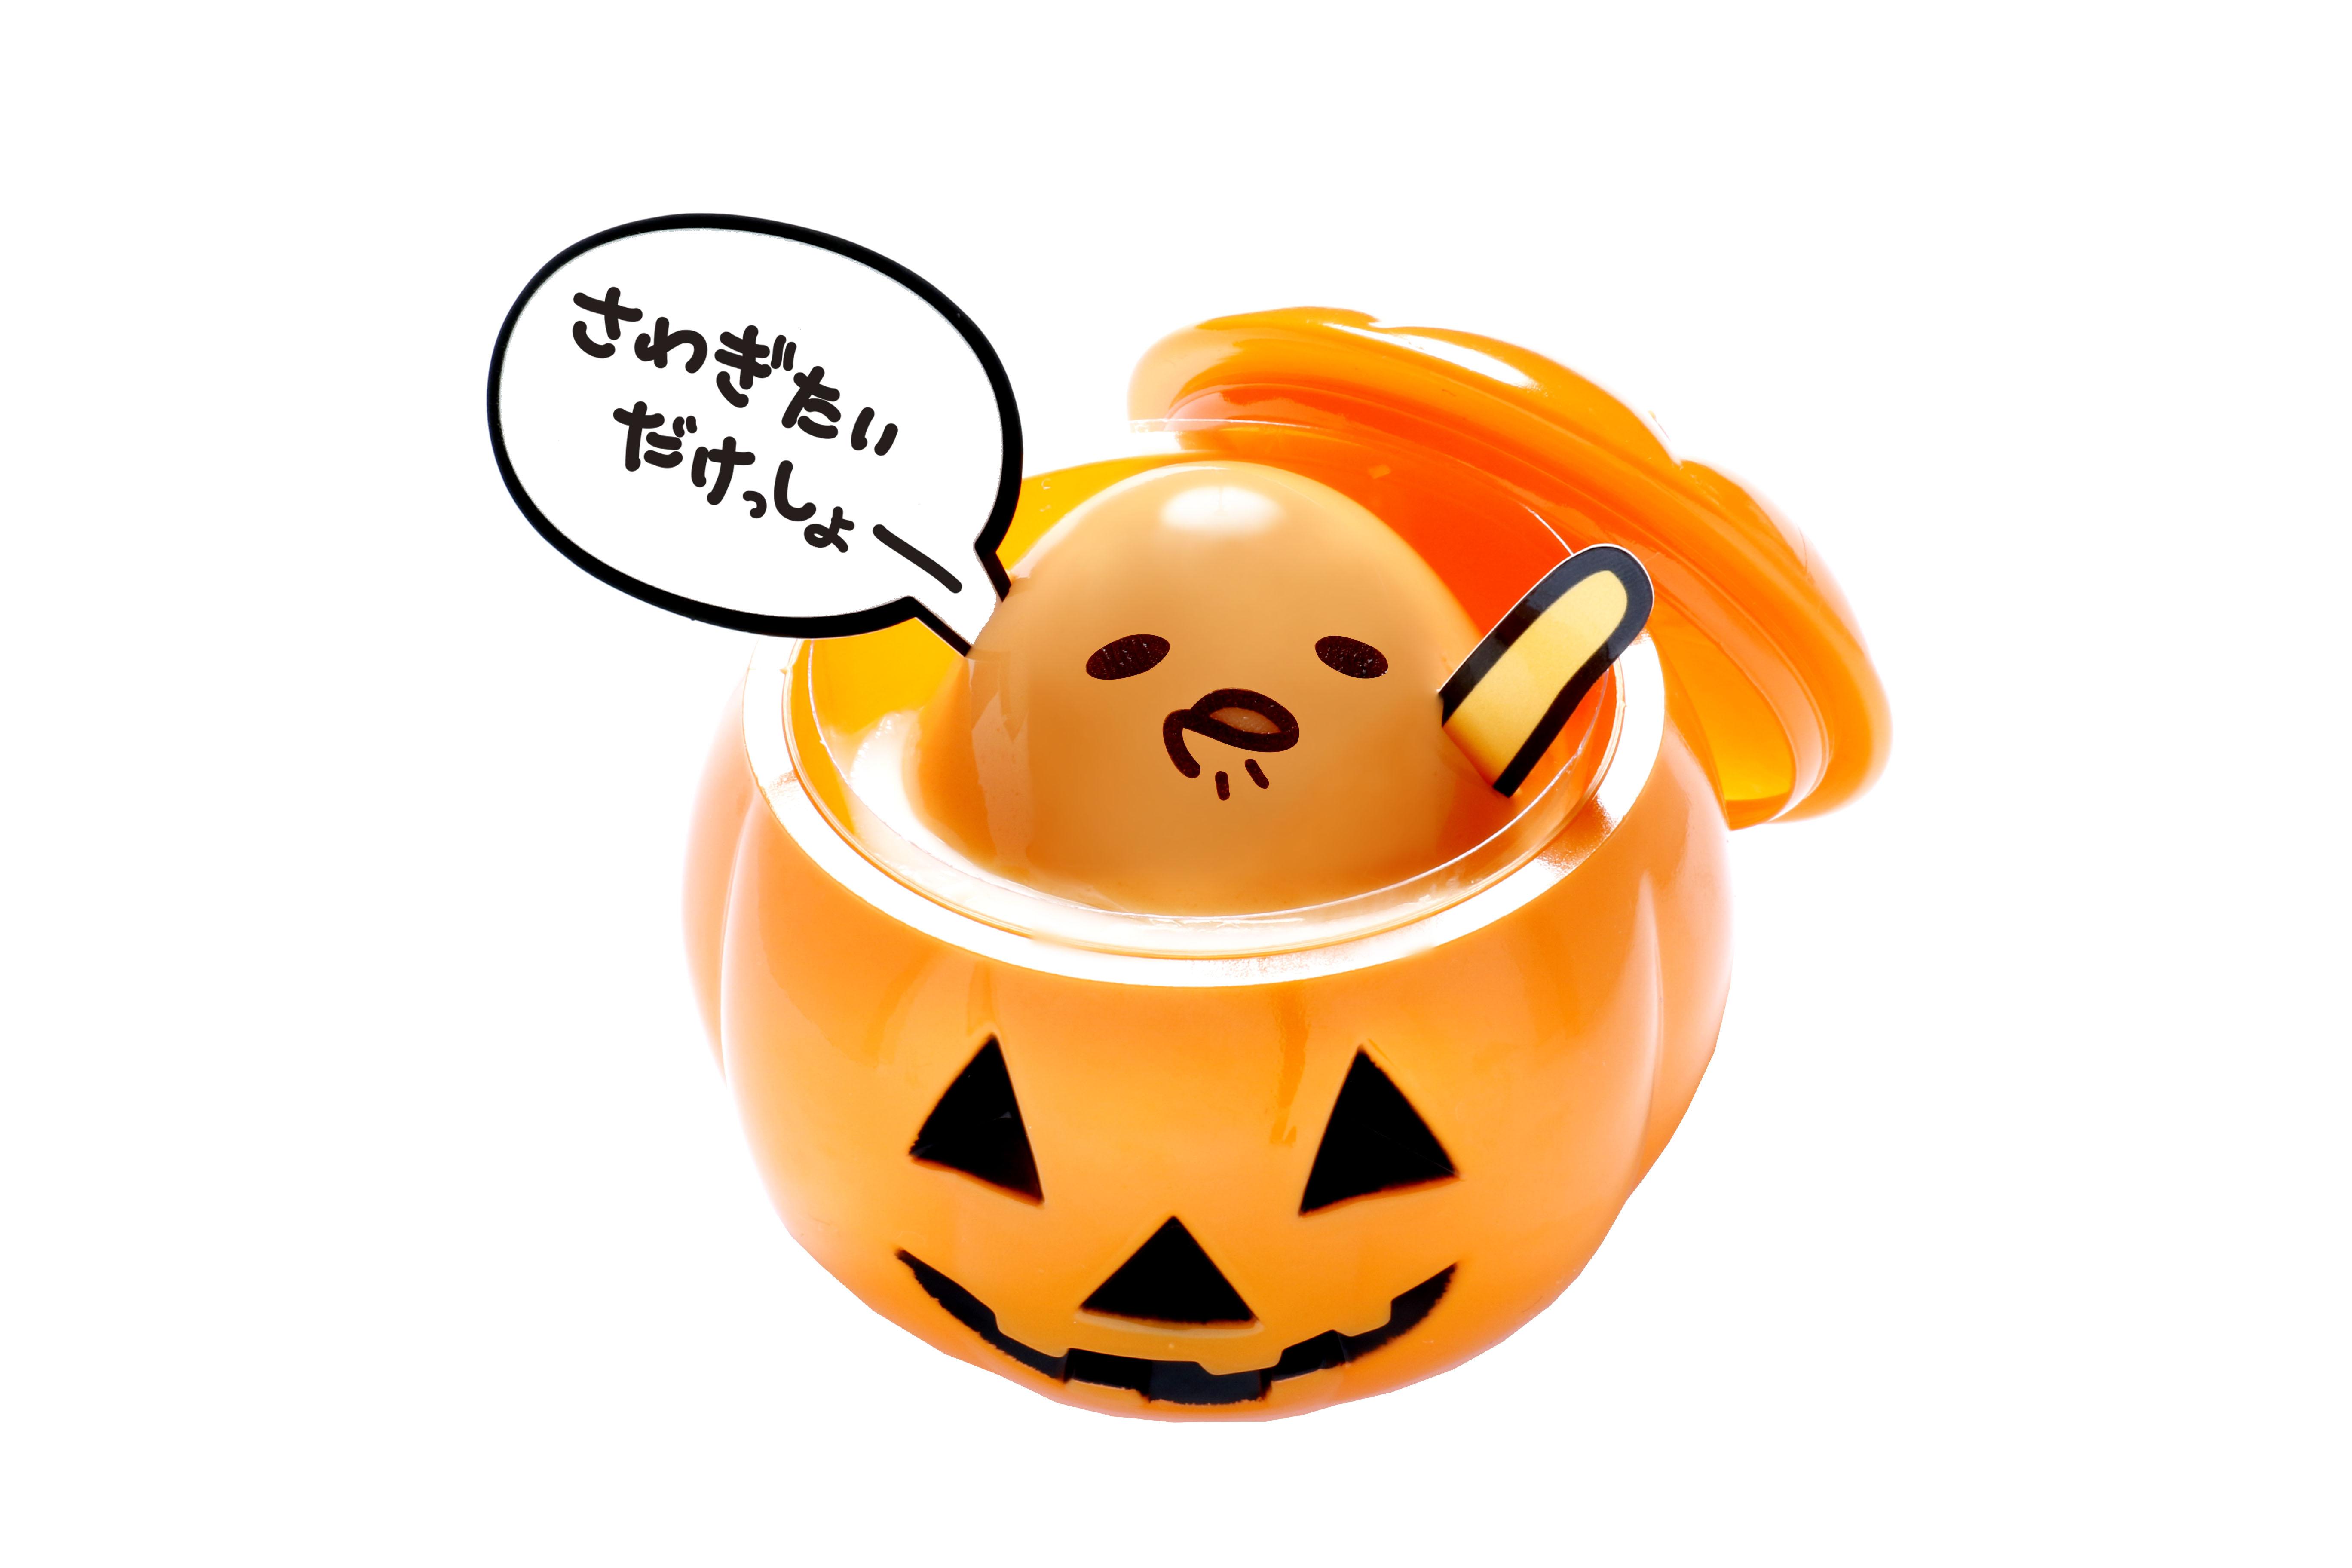 ハロウィーン限定ひきこもりぷりん(期間限定かぼちゃ味、600円)